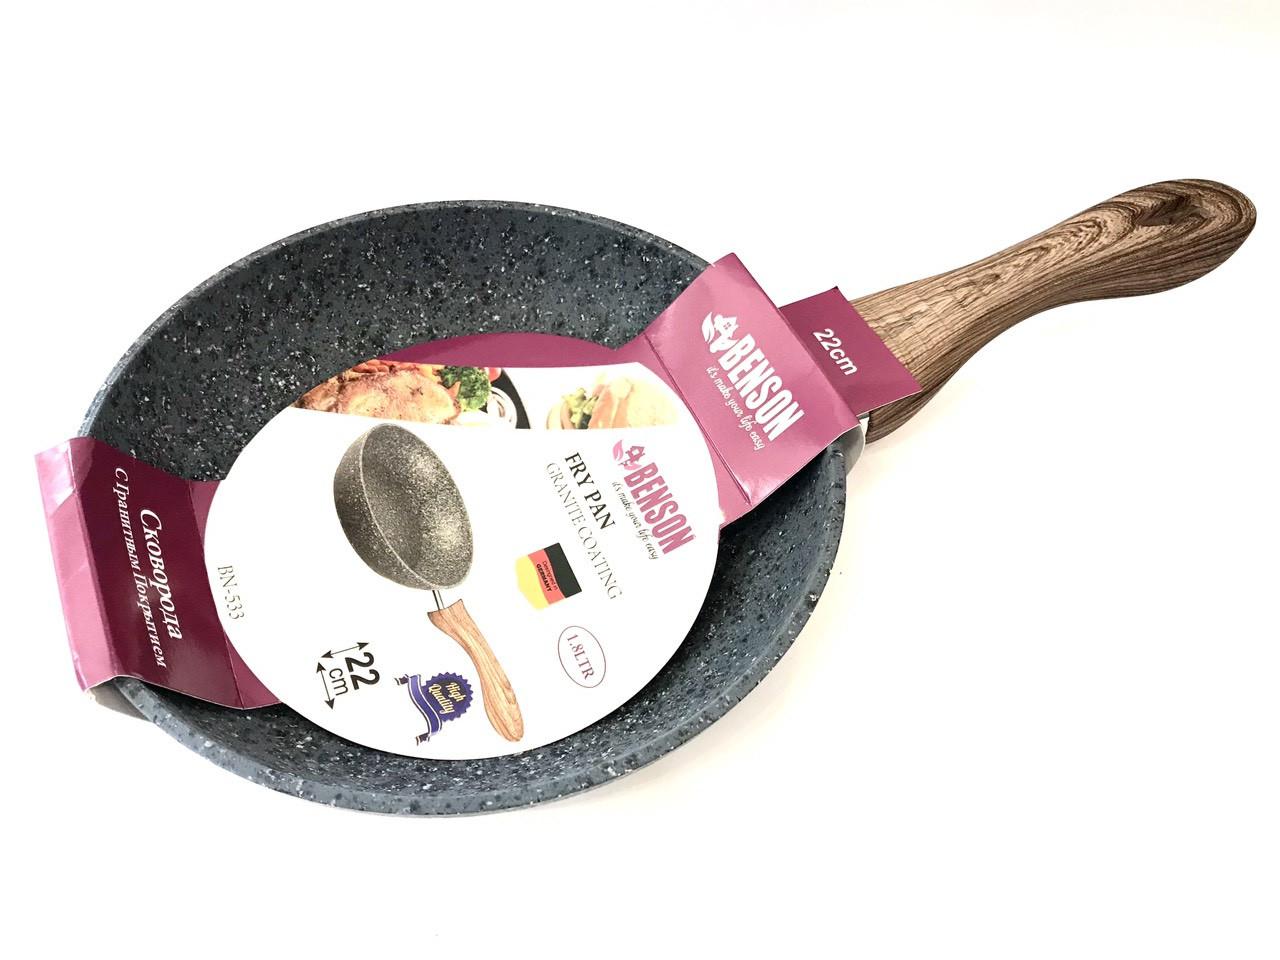 Сковорода Benson BN-533 (22 см) антипригарное гранитное покрытие, SOFT TOUCH | сковородка Бенсон, Бэнсон